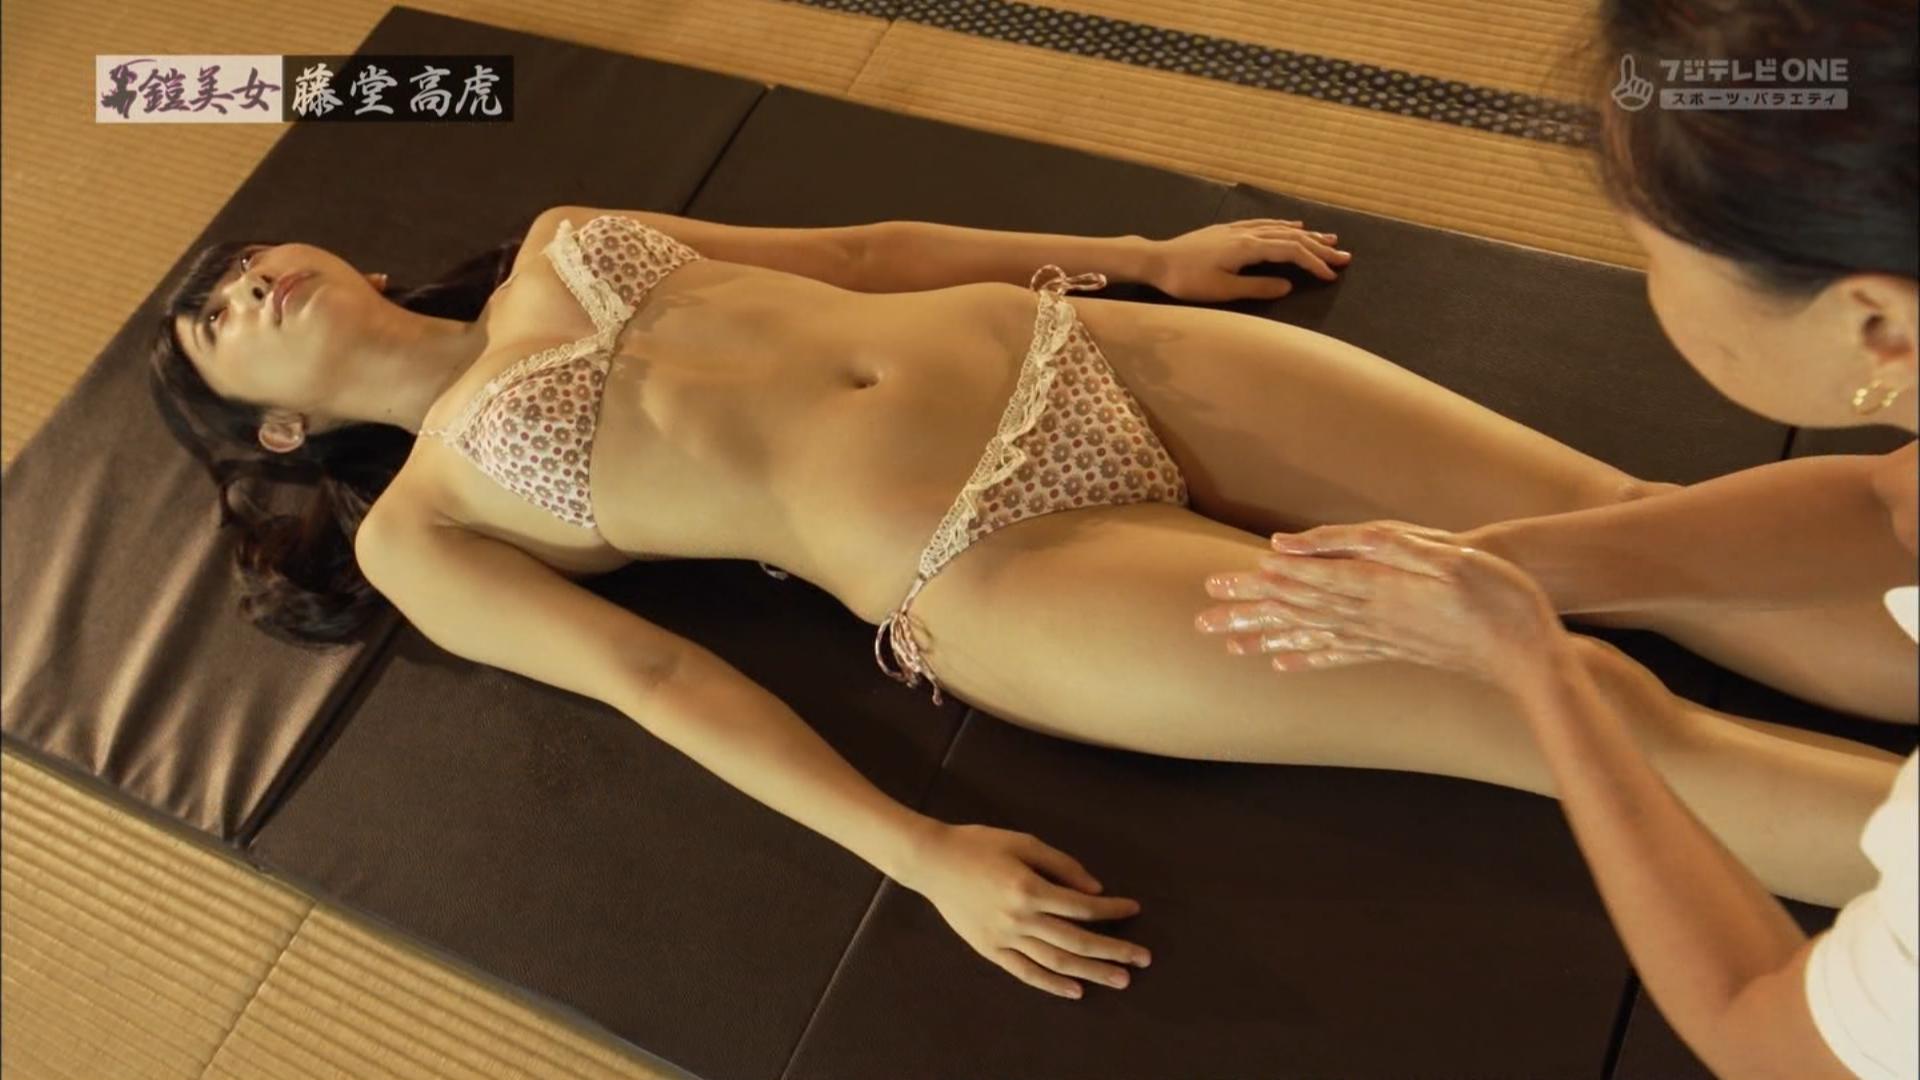 鎧美女44・真島なおみさんのテレビキャプチャー画像-076